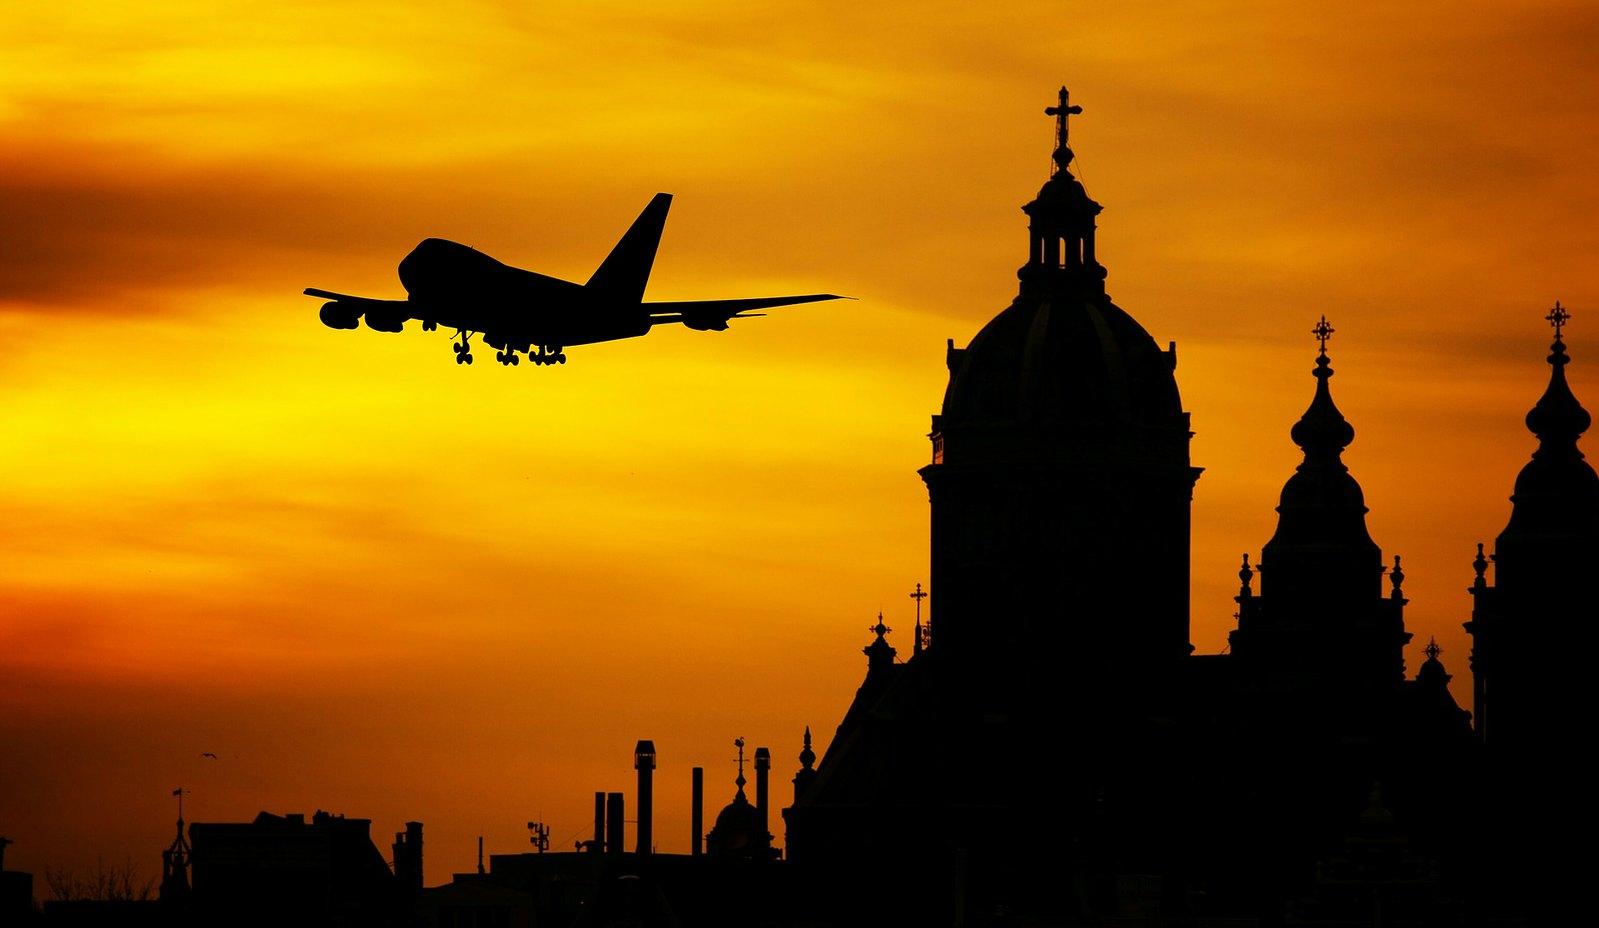 【隨筆】桃園機場一、二航廈航空公司對照表